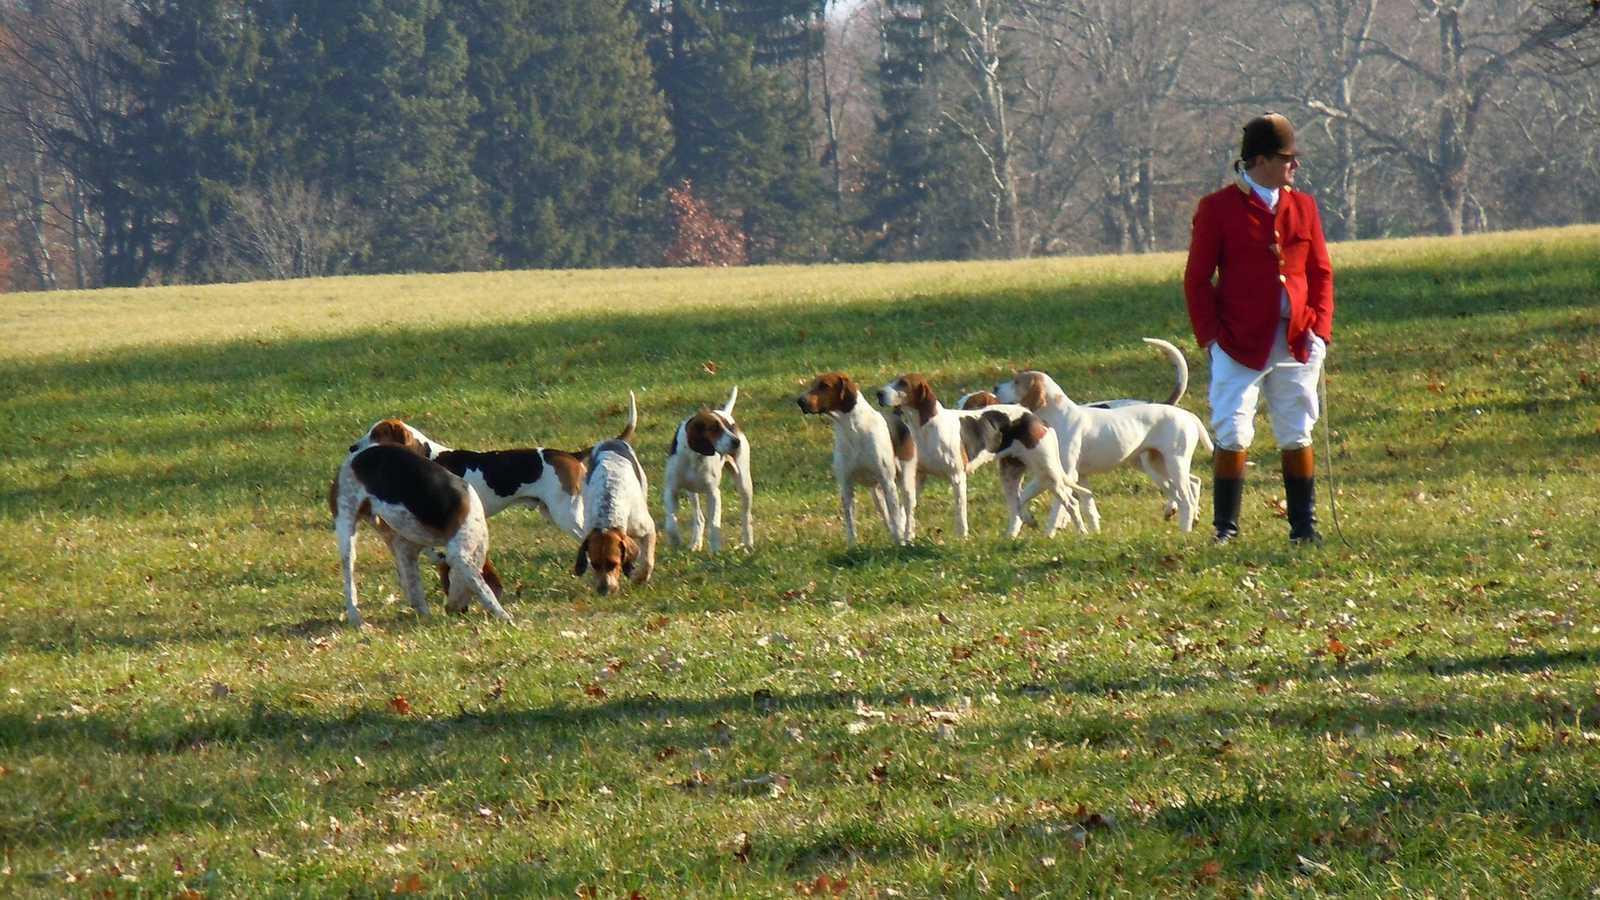 vfclark-dogs-179666-1600x